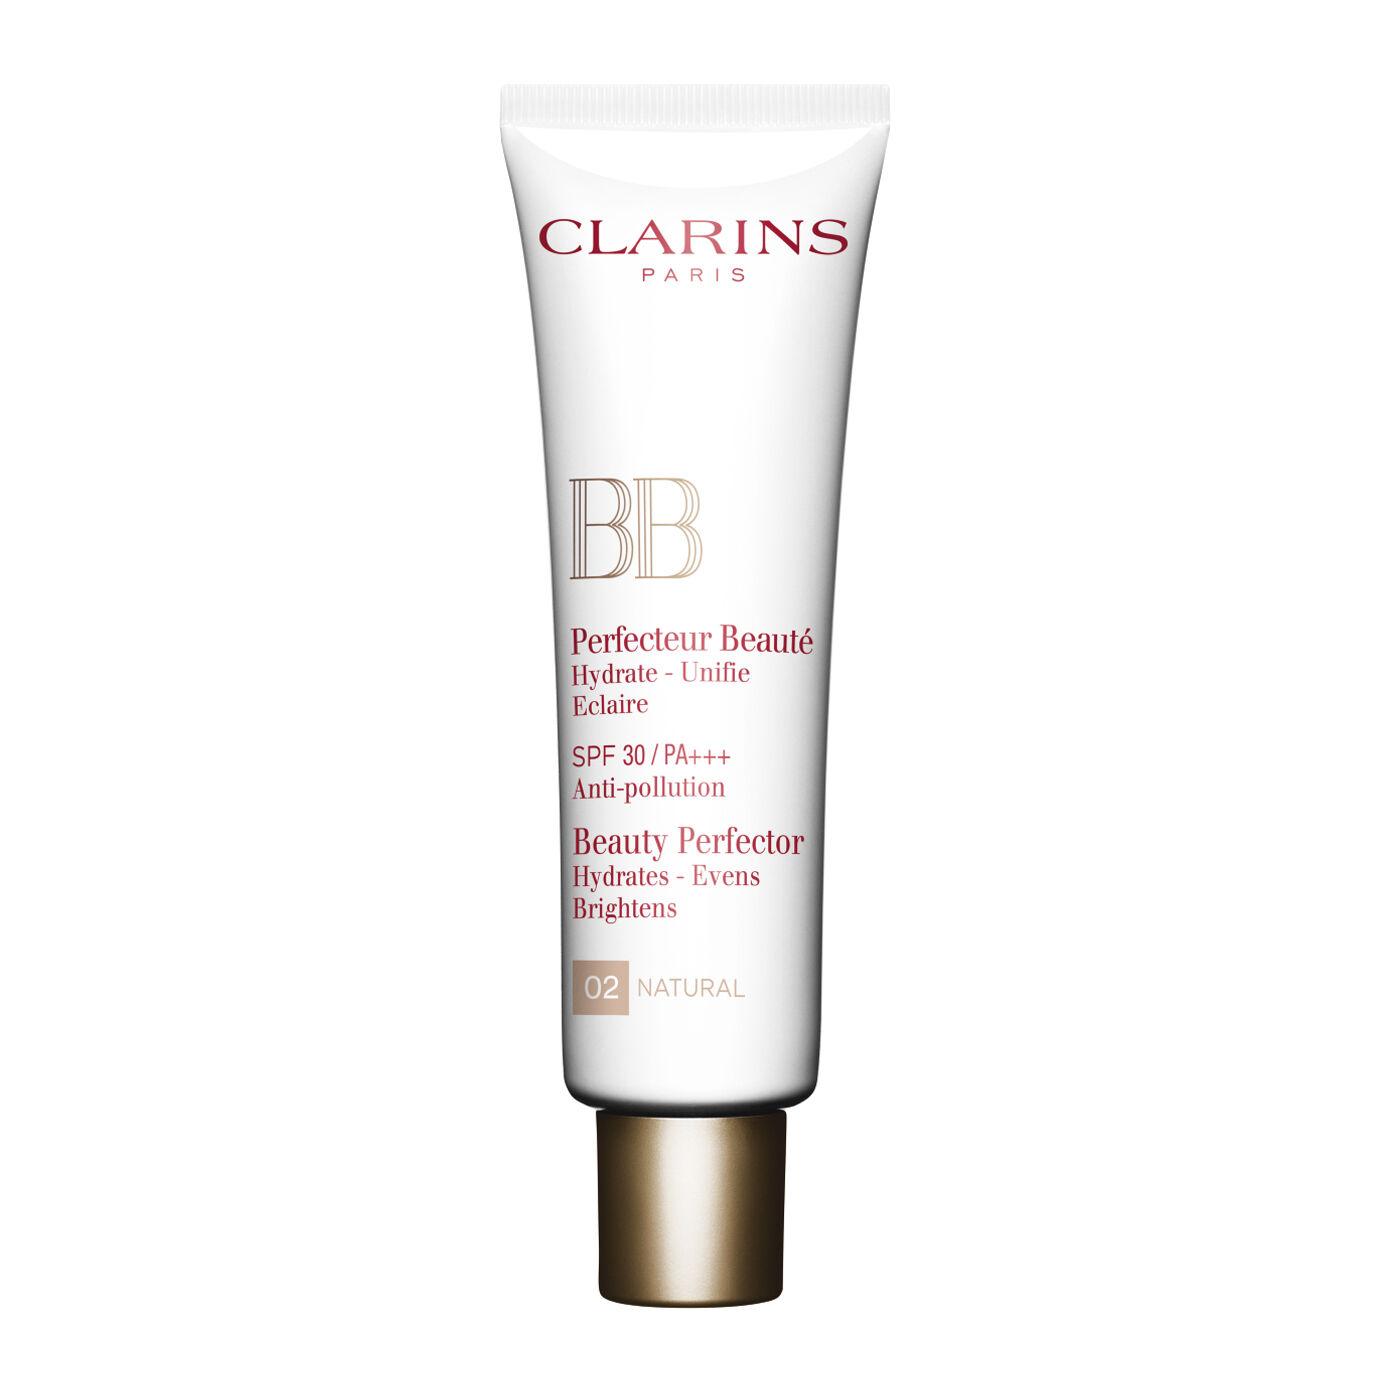 Face BB Beauty Perfector SPF30/PA+++ Shade 02 Natural 30 ml